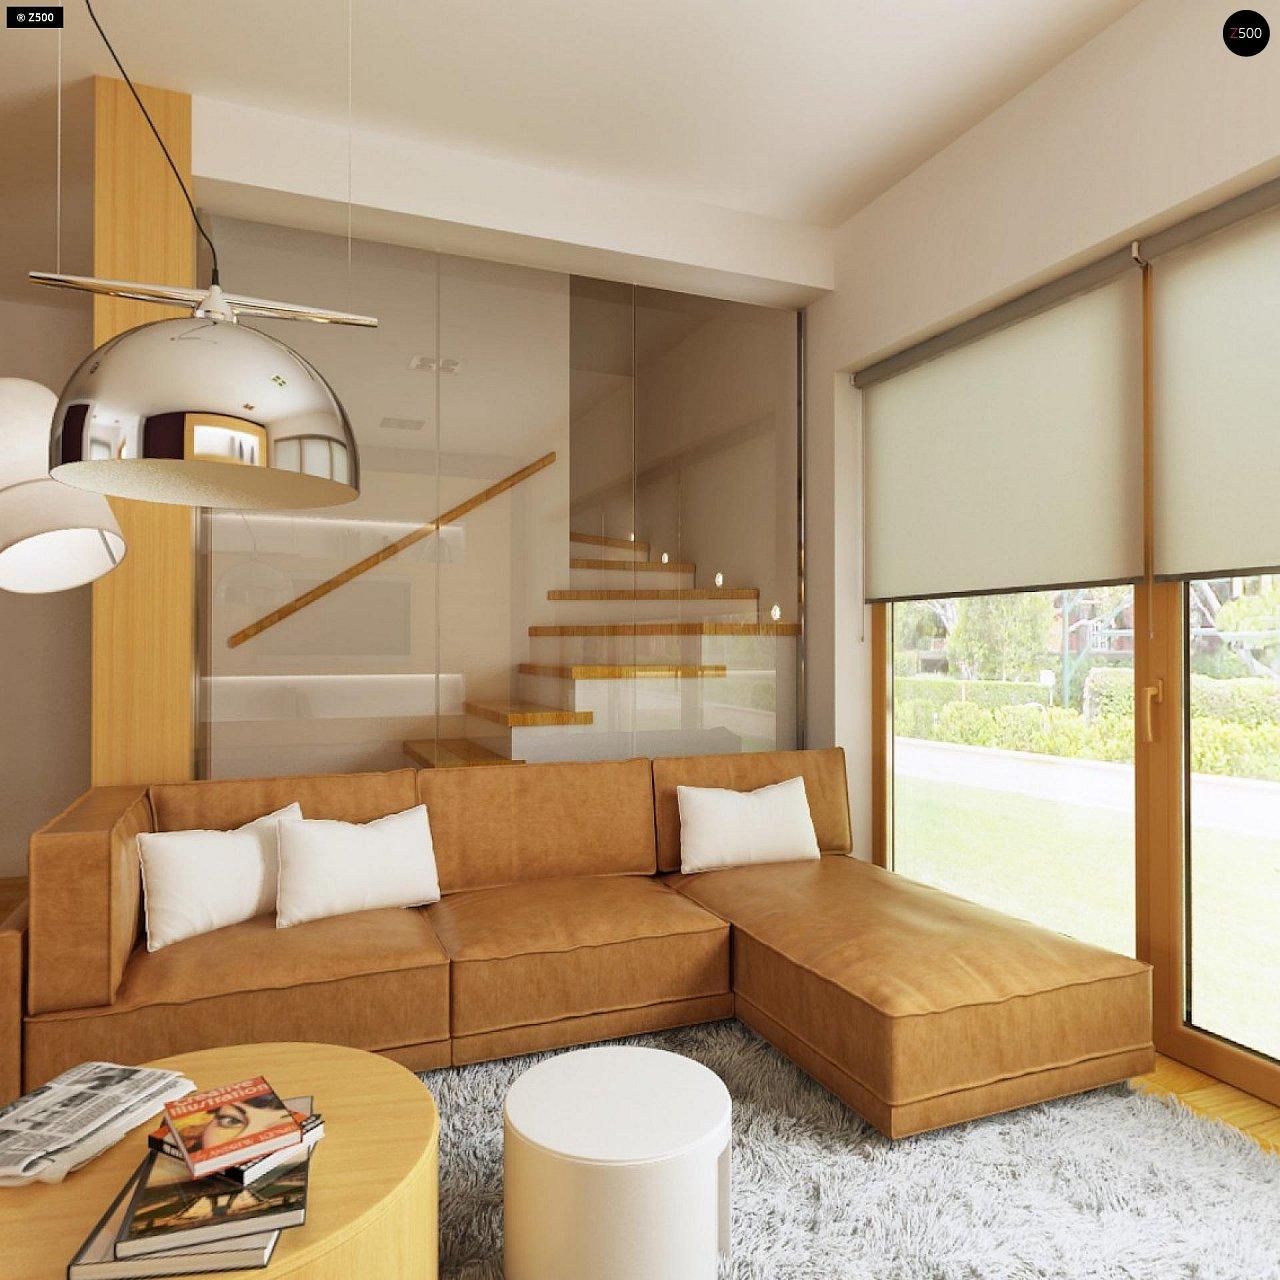 Практичный дом для небольшого участка, простой в строительстве, дешевый в эксплуатации. 8